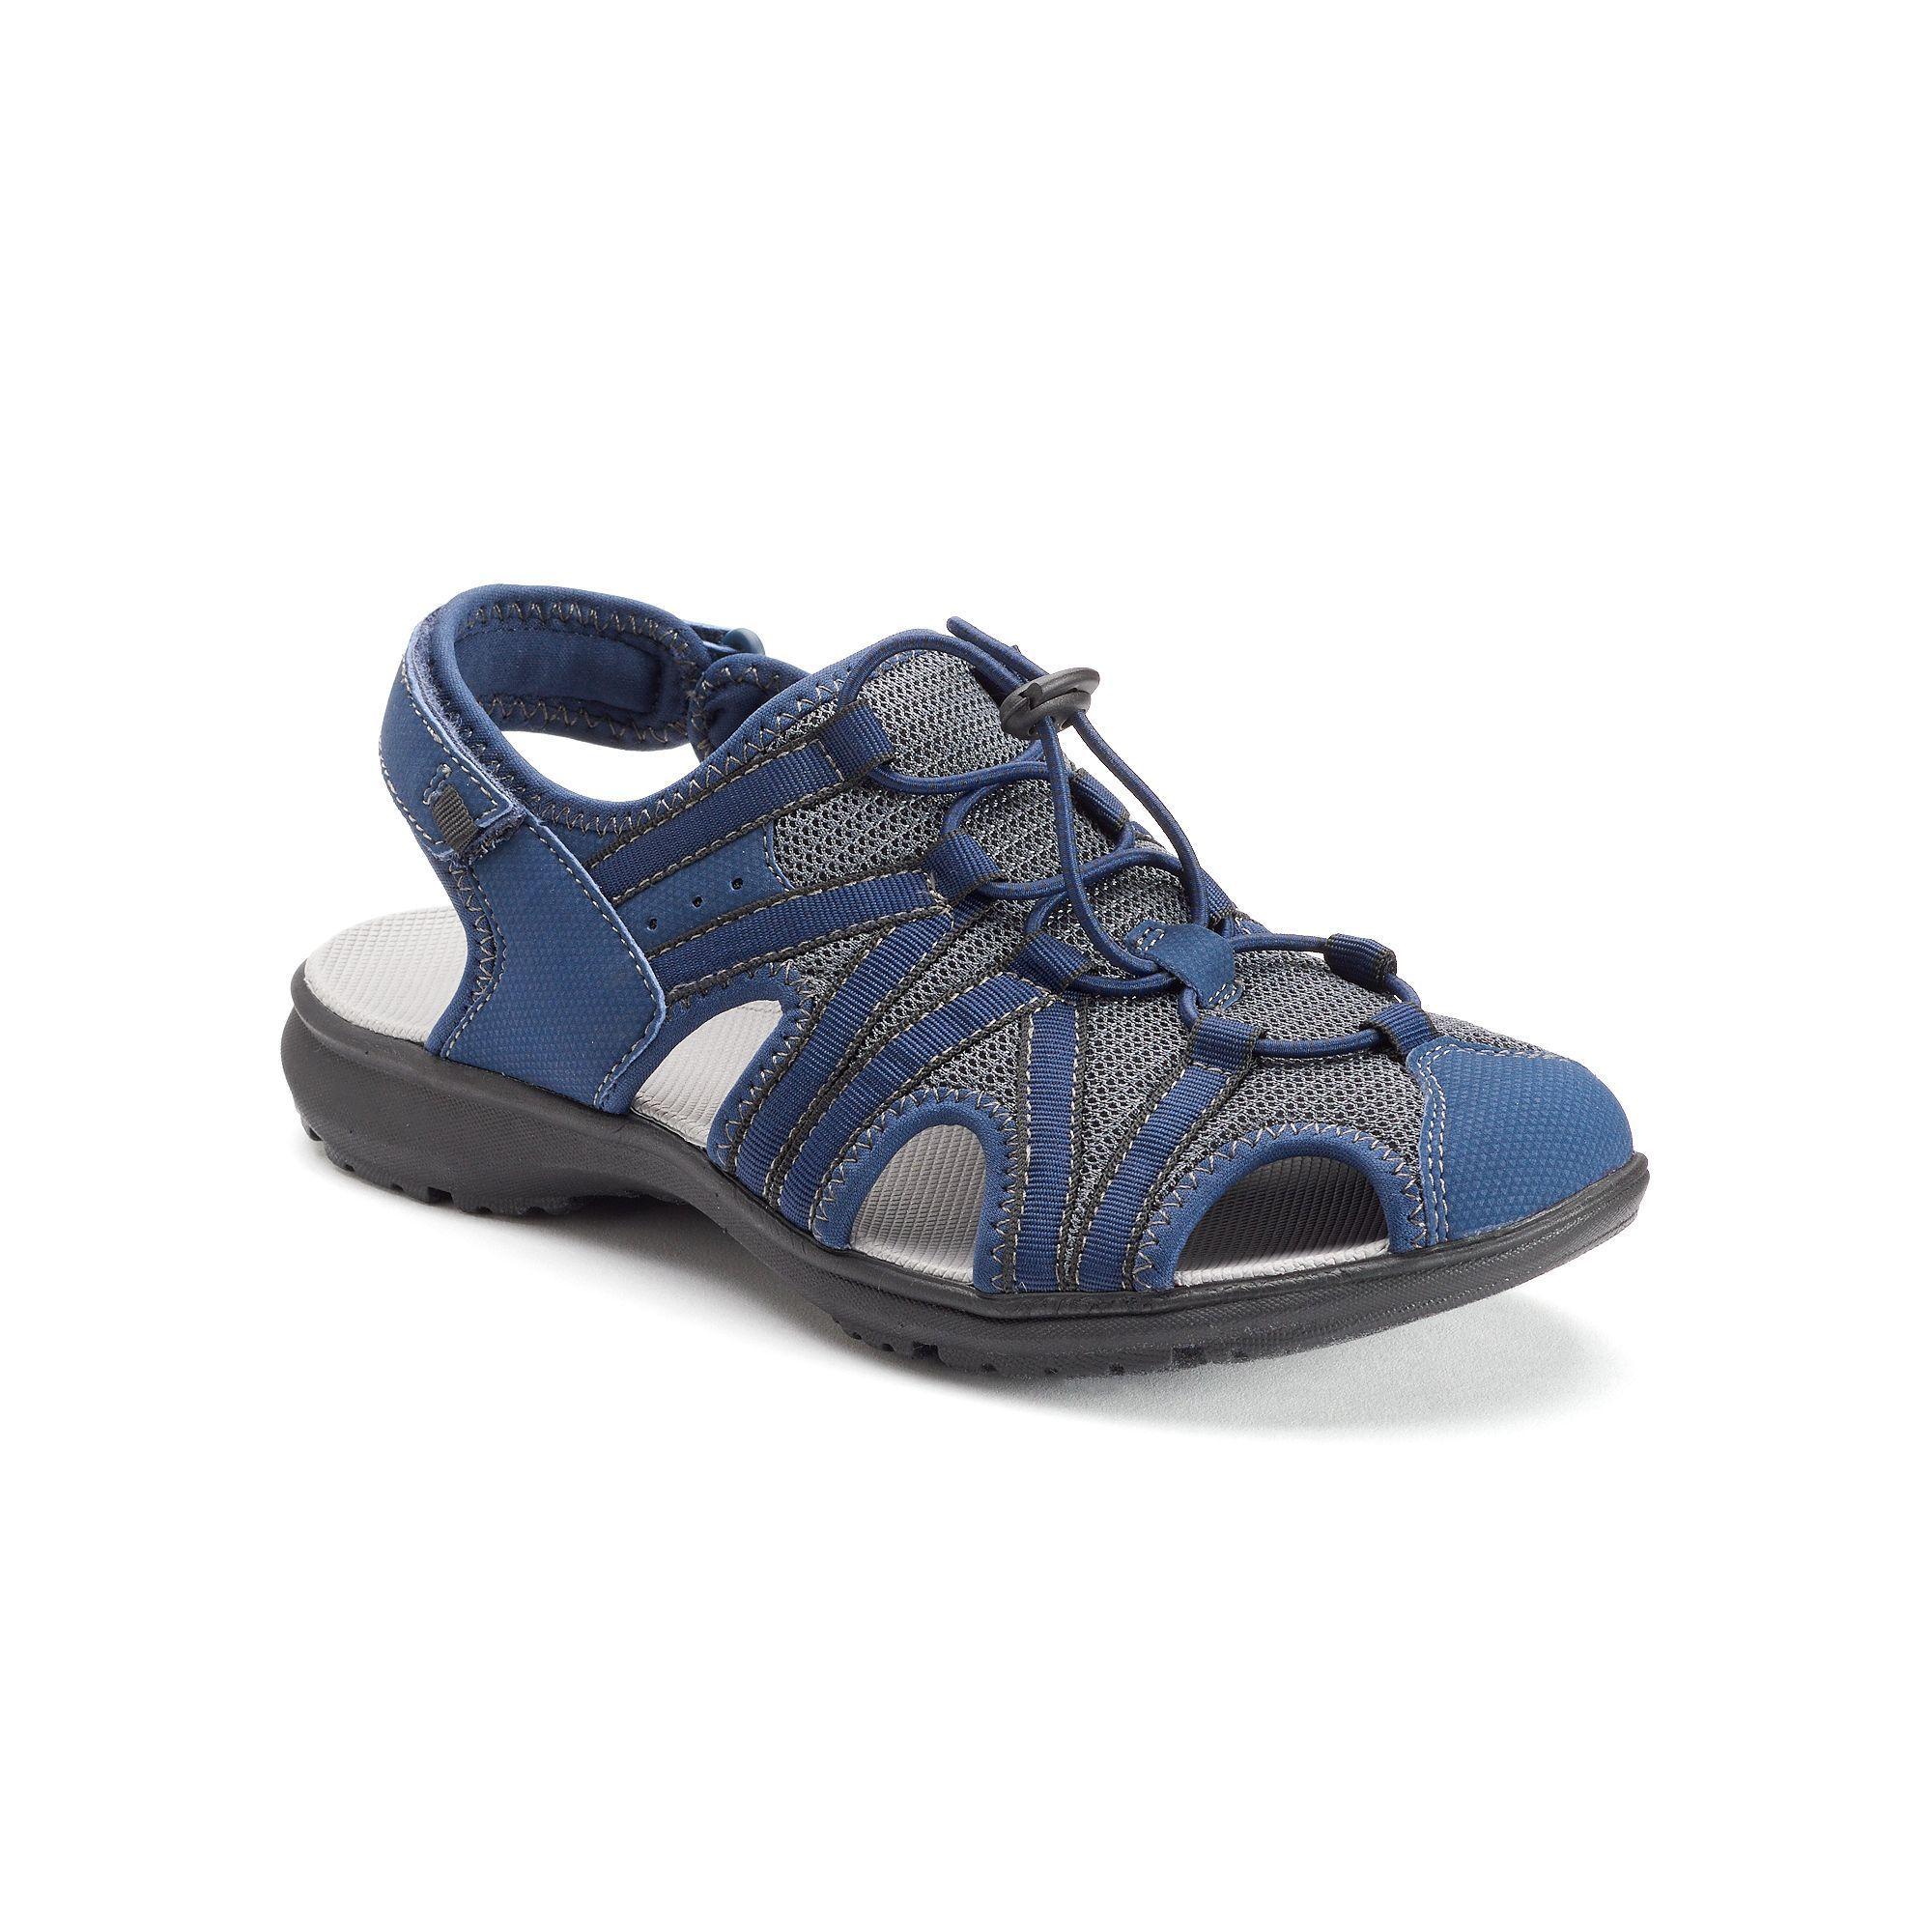 851d6a5035fba0 Croft   Barrow® Kaylyn Women s Sandals